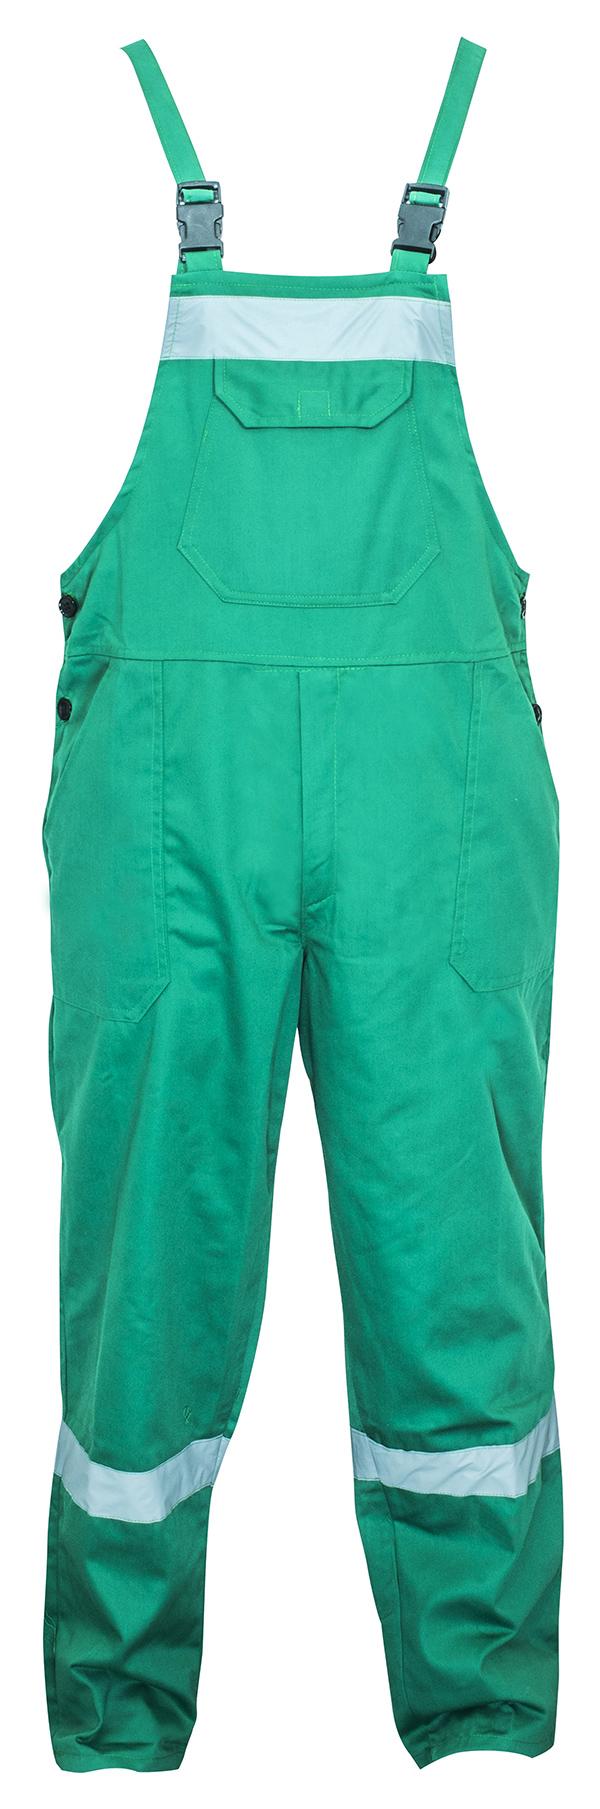 Salopette vert turquoise